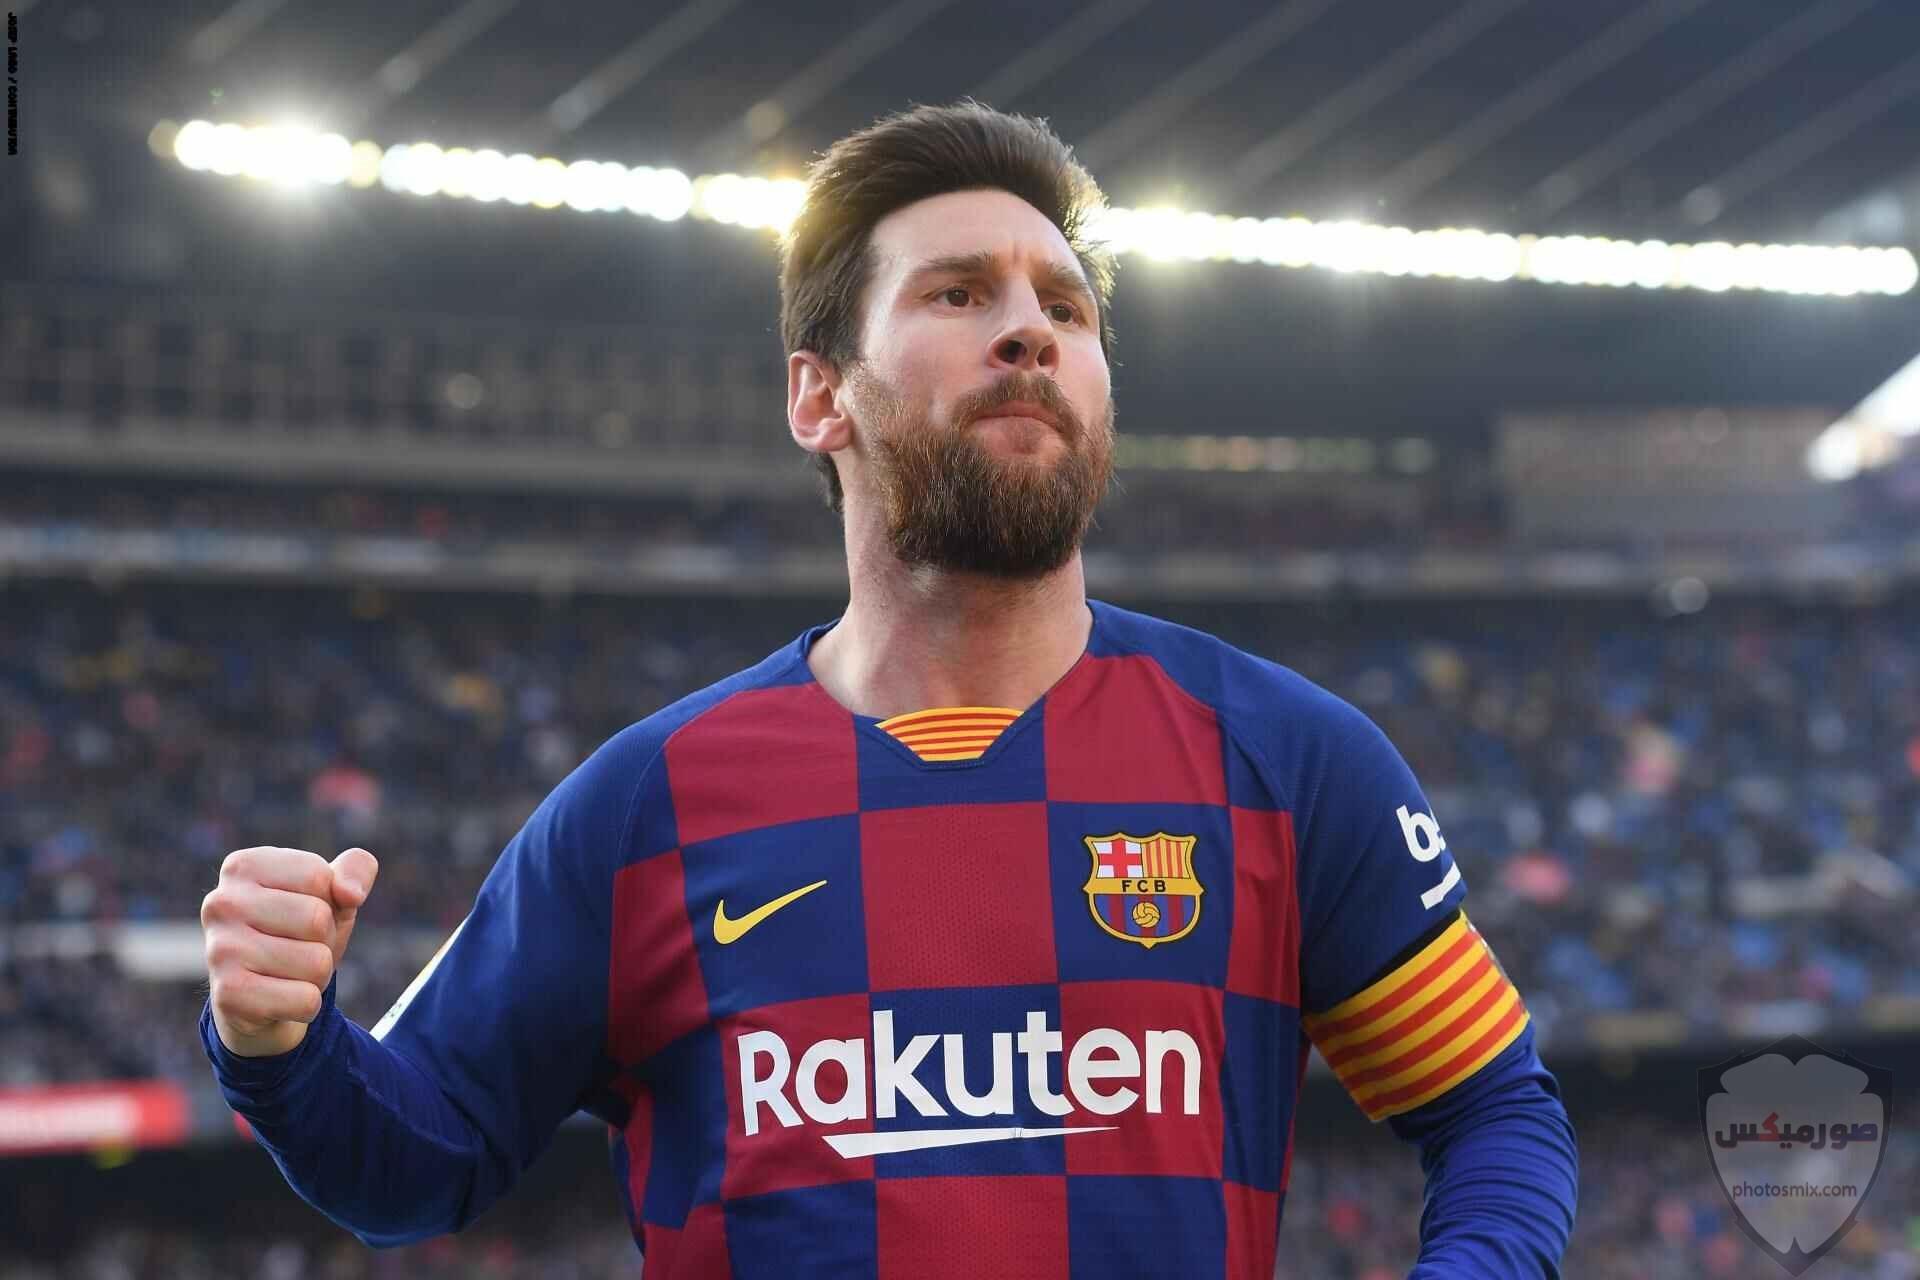 أجمل 10 صور لـ ميسى مع برشلونة خلال 2020 8